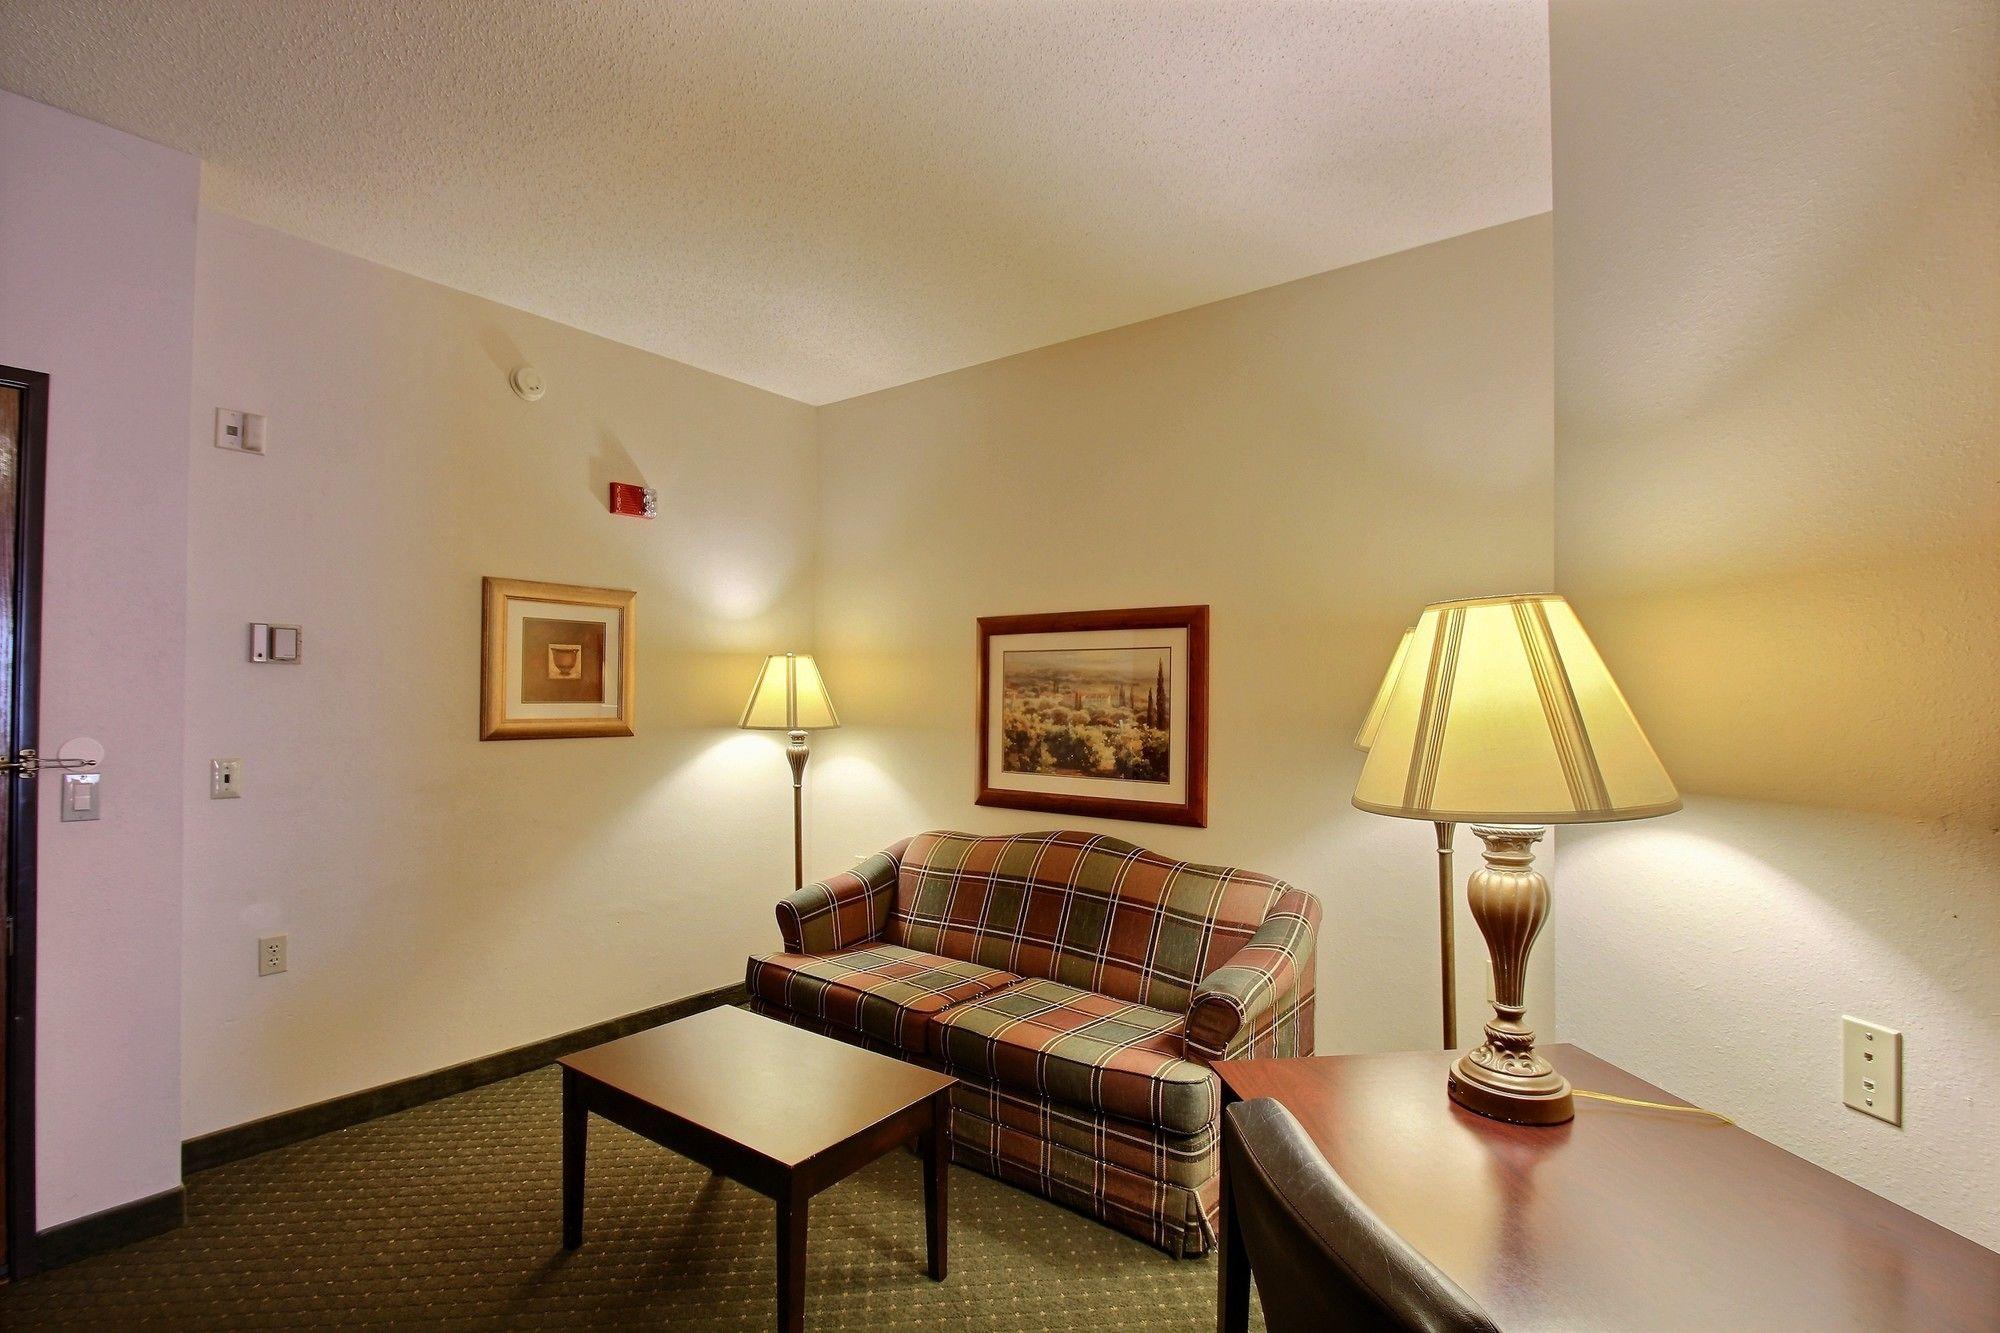 Oshkosh Hotel Coupons for Oshkosh, Wisconsin - FreeHotelCoupons.com